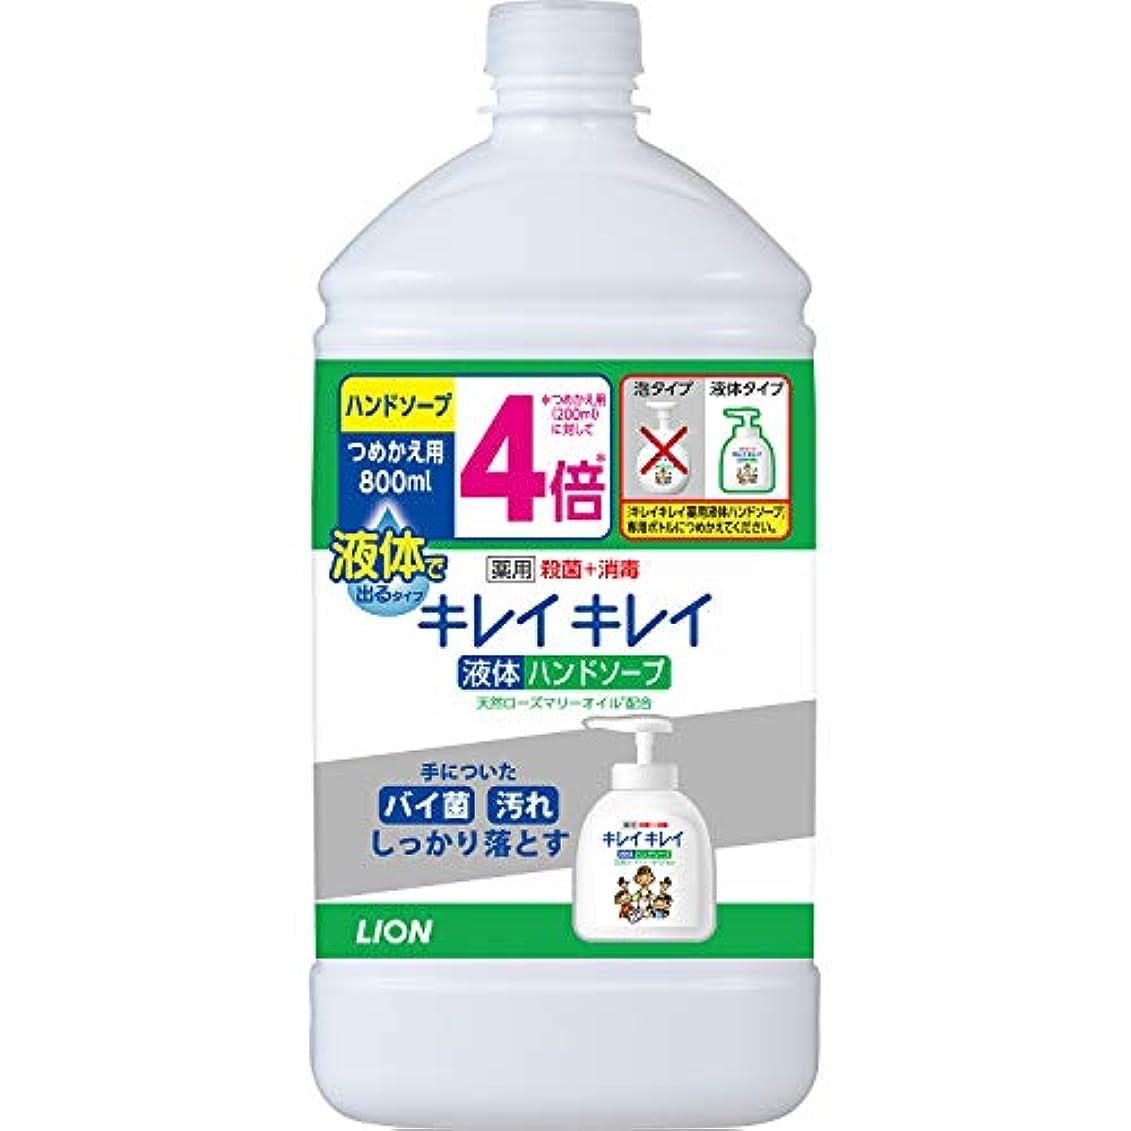 余暇モニカペリスコープ(医薬部外品)【大容量】キレイキレイ 薬用 液体ハンドソープ 詰め替え 特大 800ml